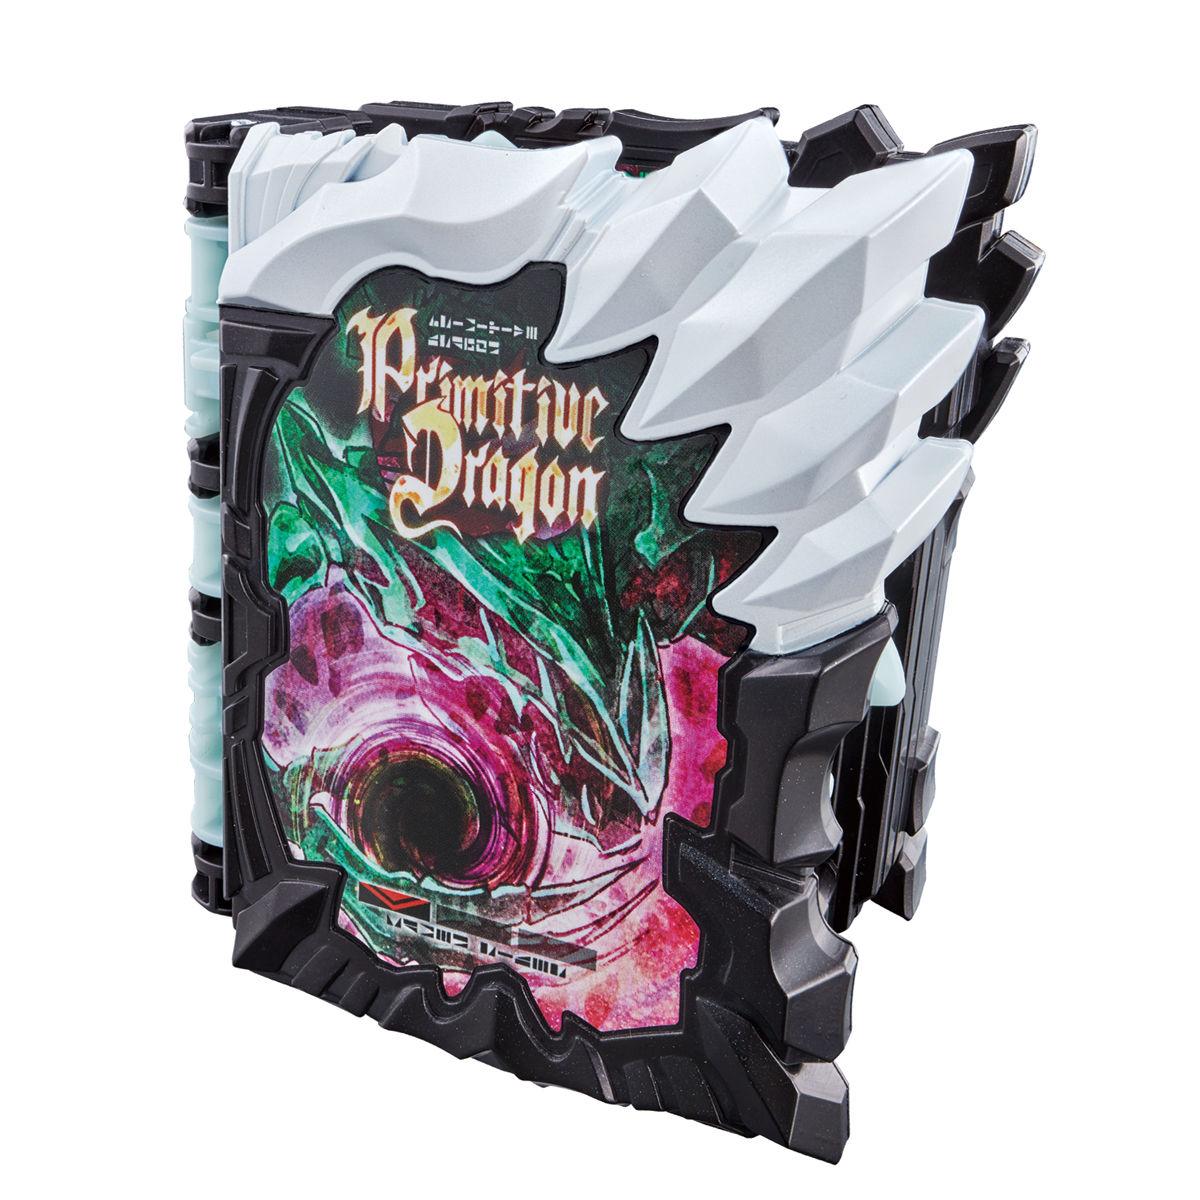 プリミティブ ドラゴン ワンダー ライド ブック